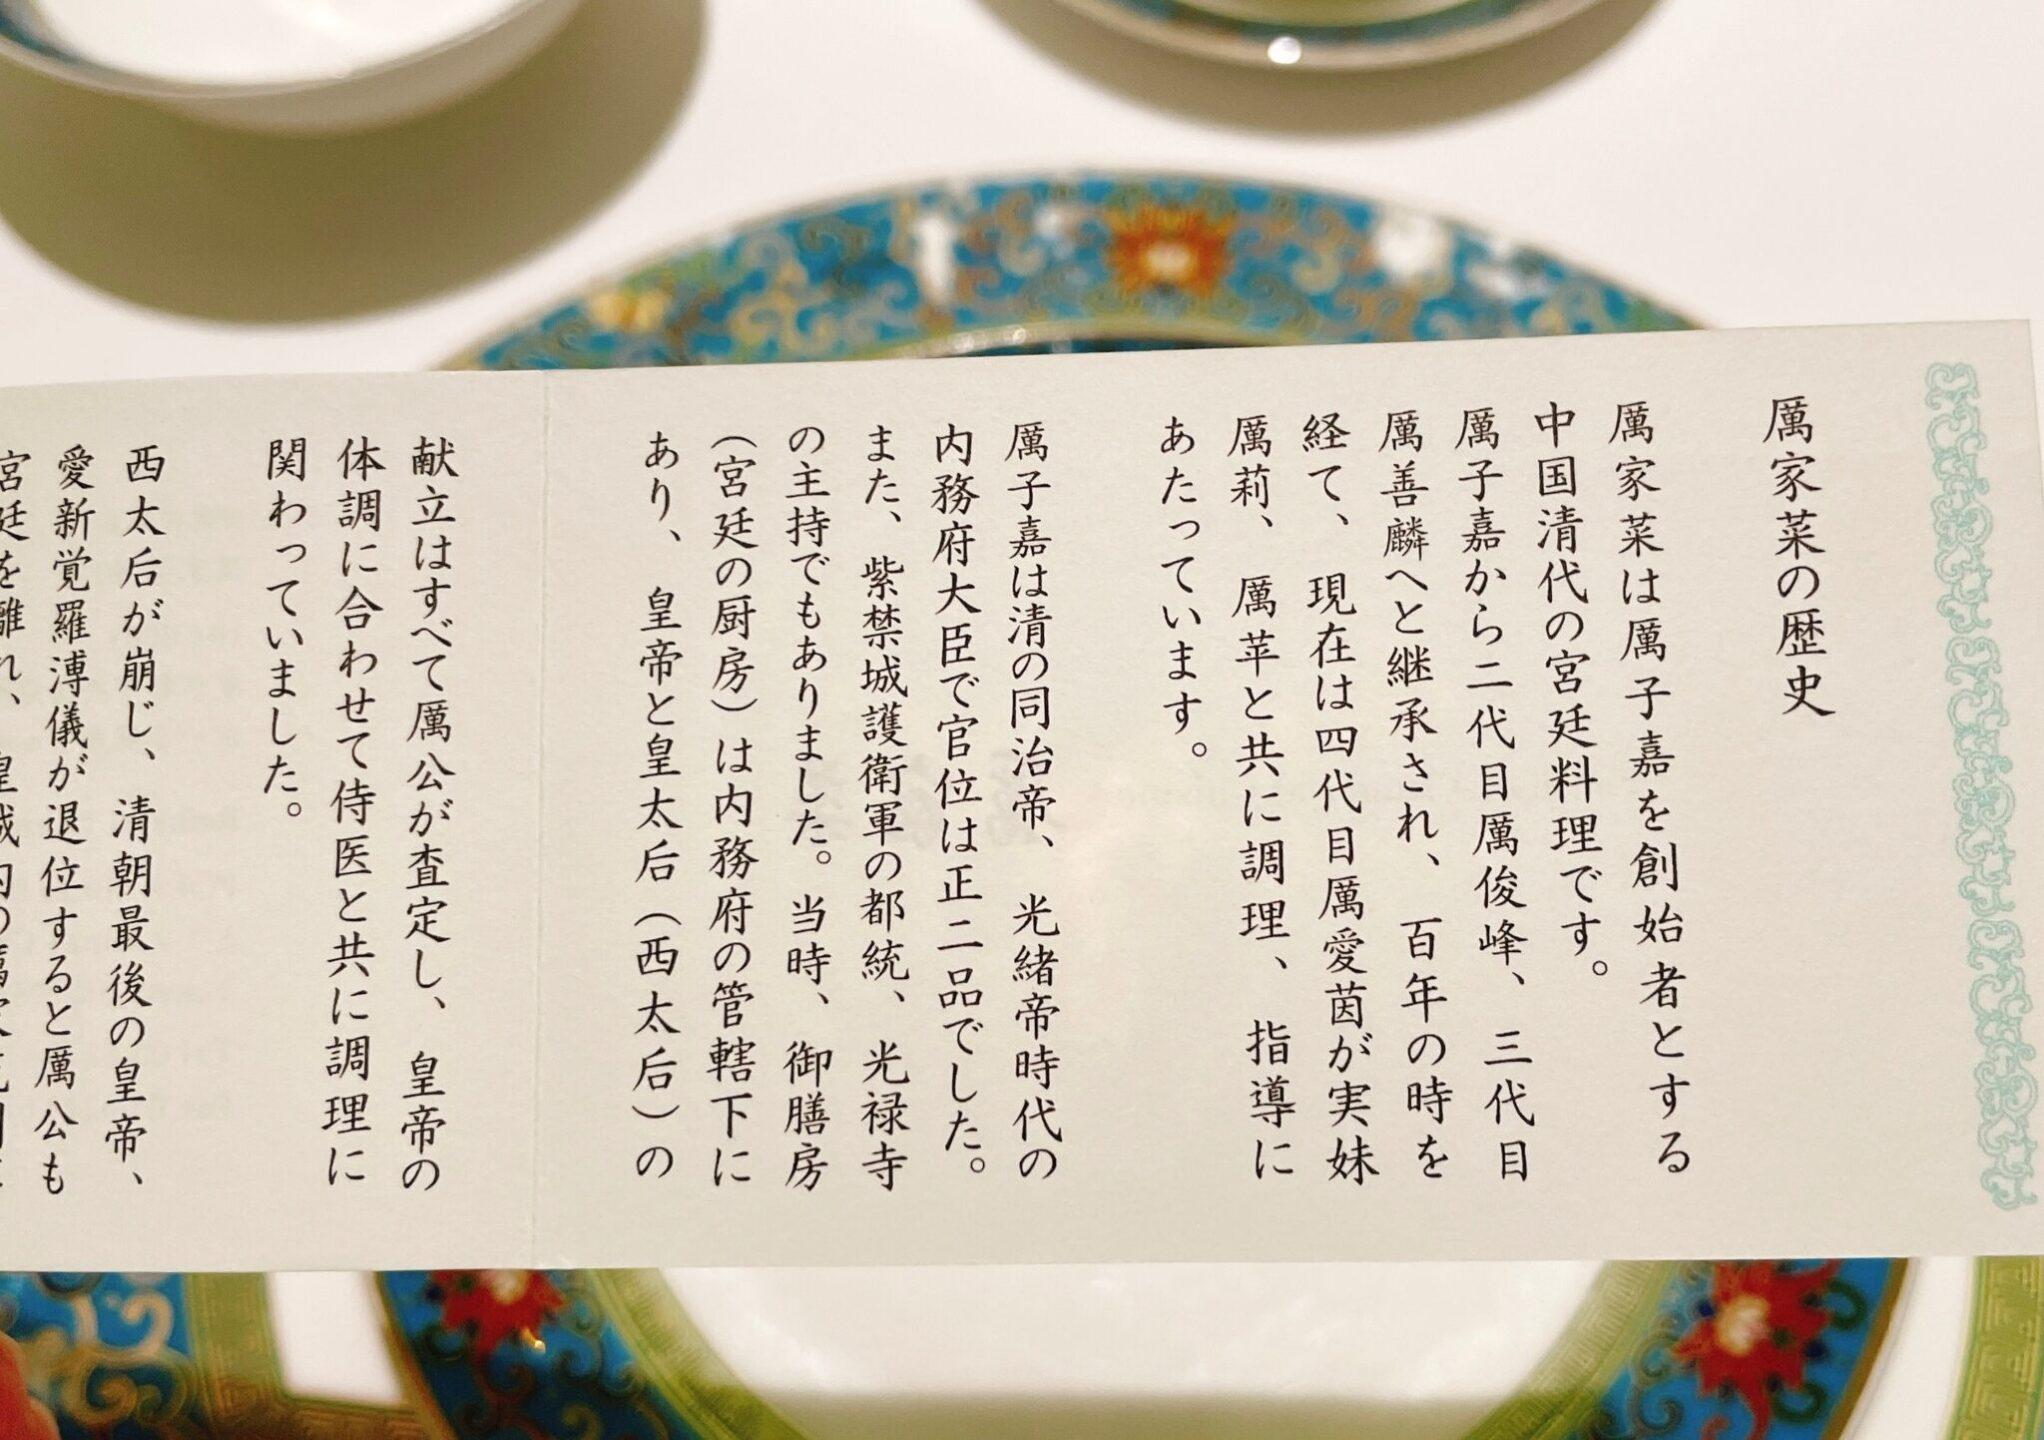 厲家菜(レイカサイ)銀座の歴史